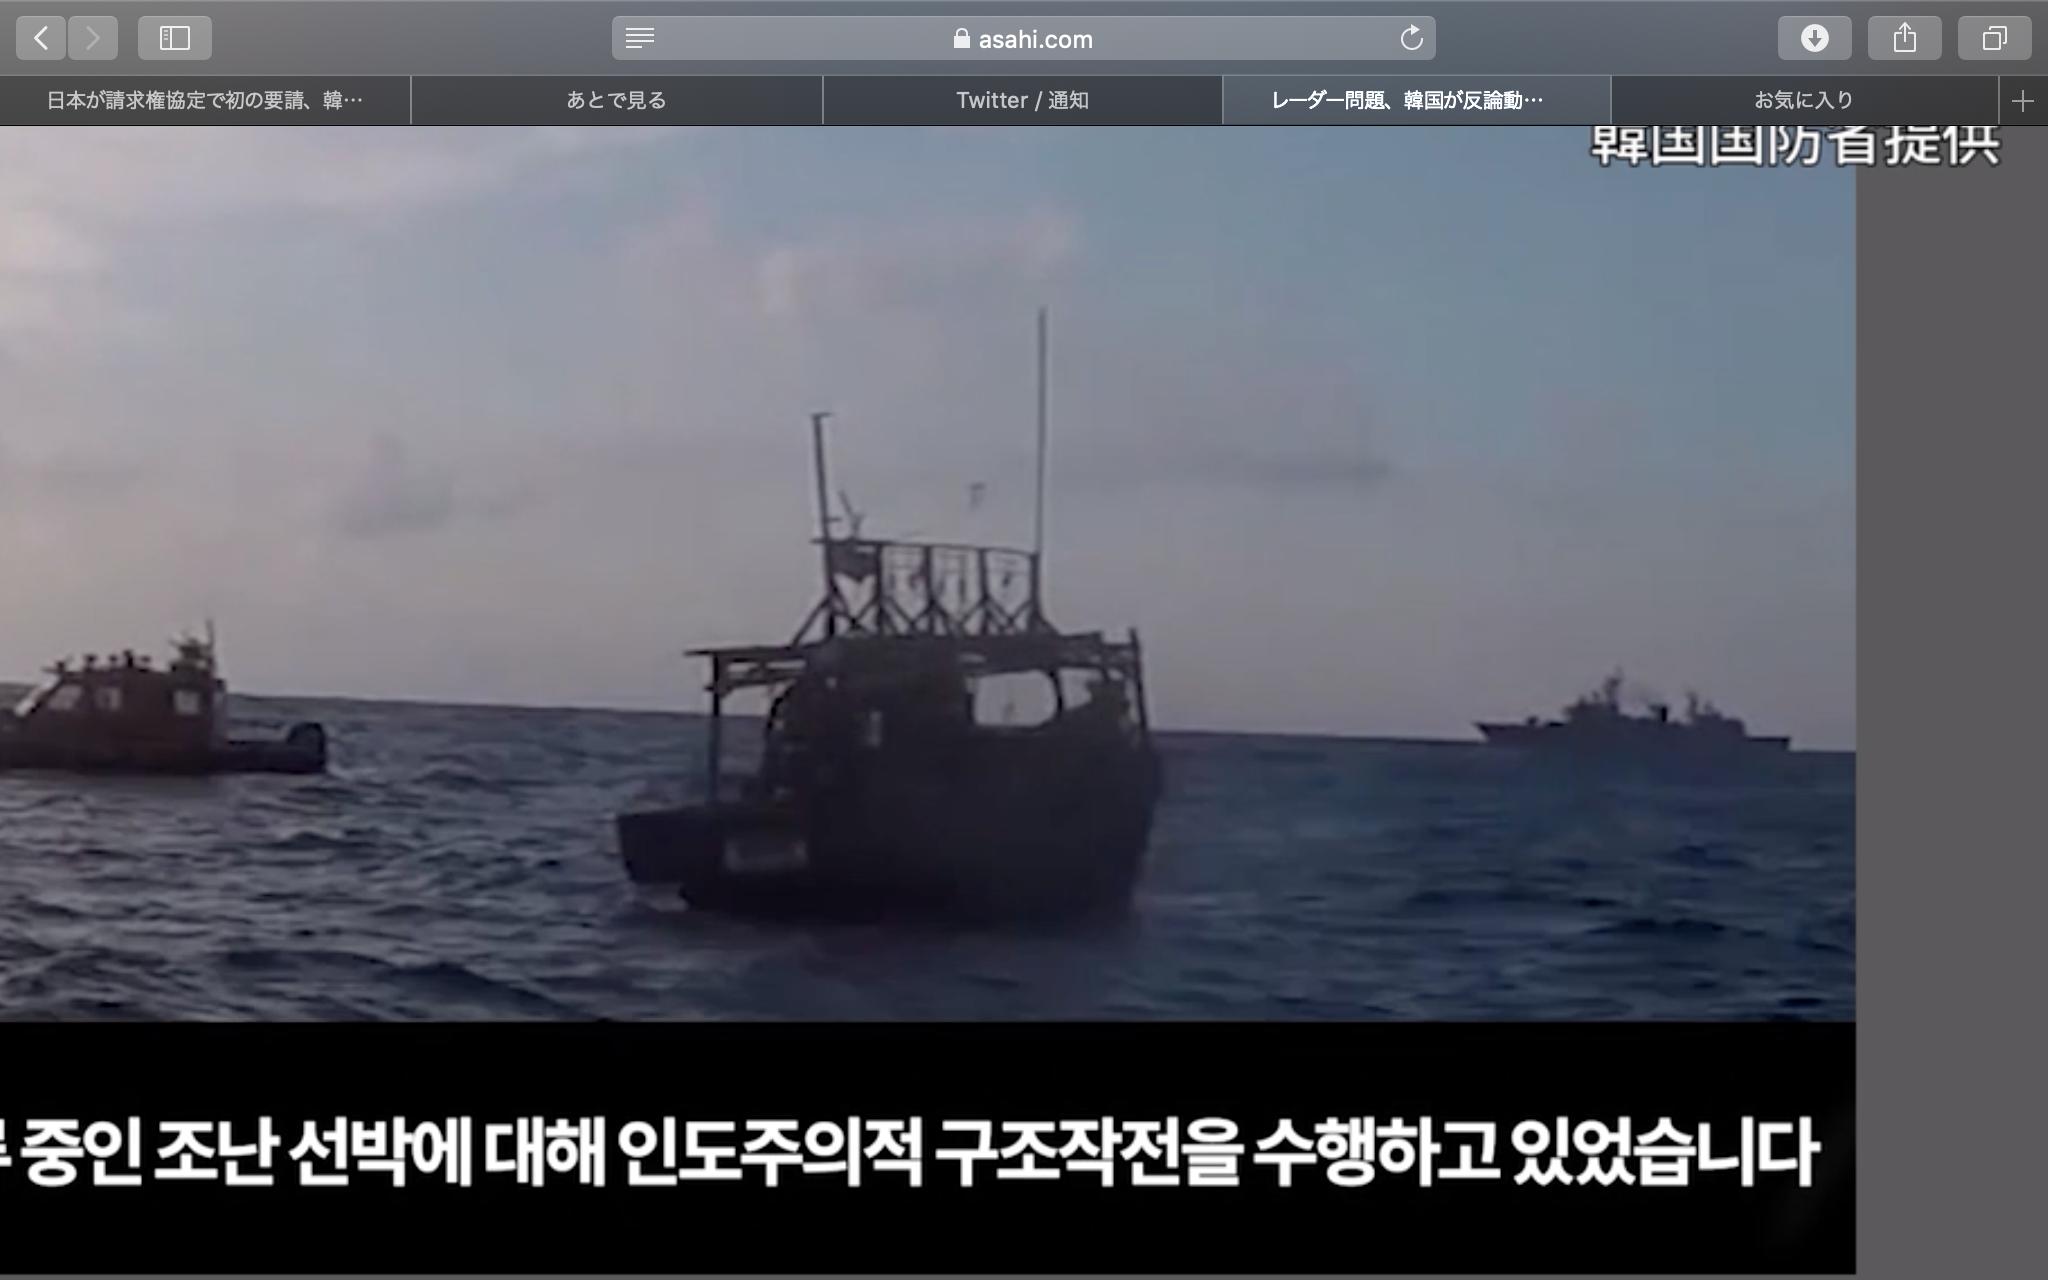 北朝鮮漁船に乗っていた人について